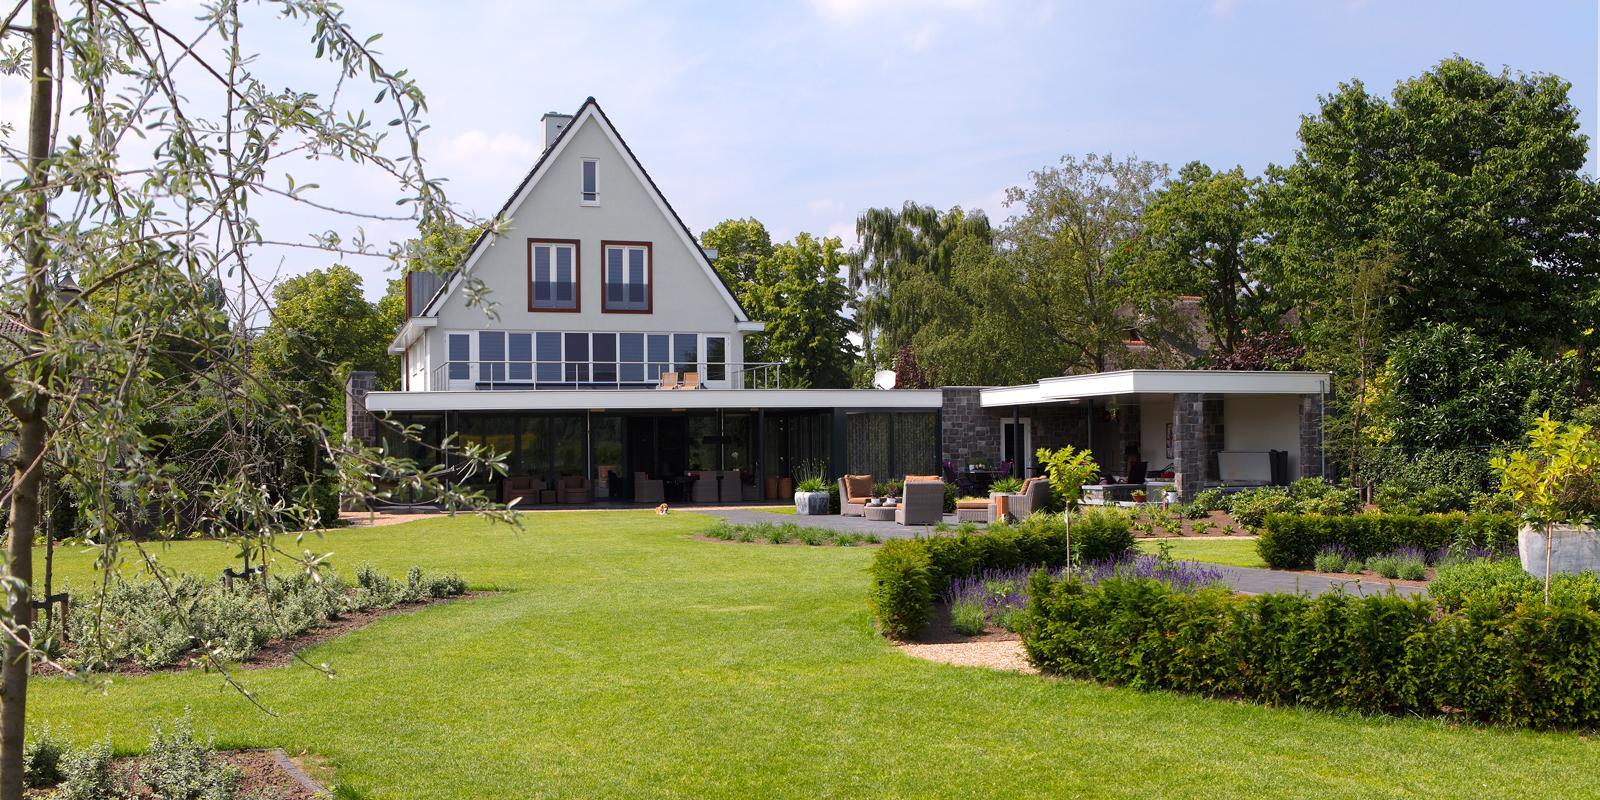 The Art of Living, Exclusief wonen, Architect Geert Verhagen, Bouwburo 3D, Bouwgroep van Stiphout, Leermakers Hoveniers, grote tuin, moderne tuin, grasveld, lounge stoelen, tuinarchitectuur, dakterras